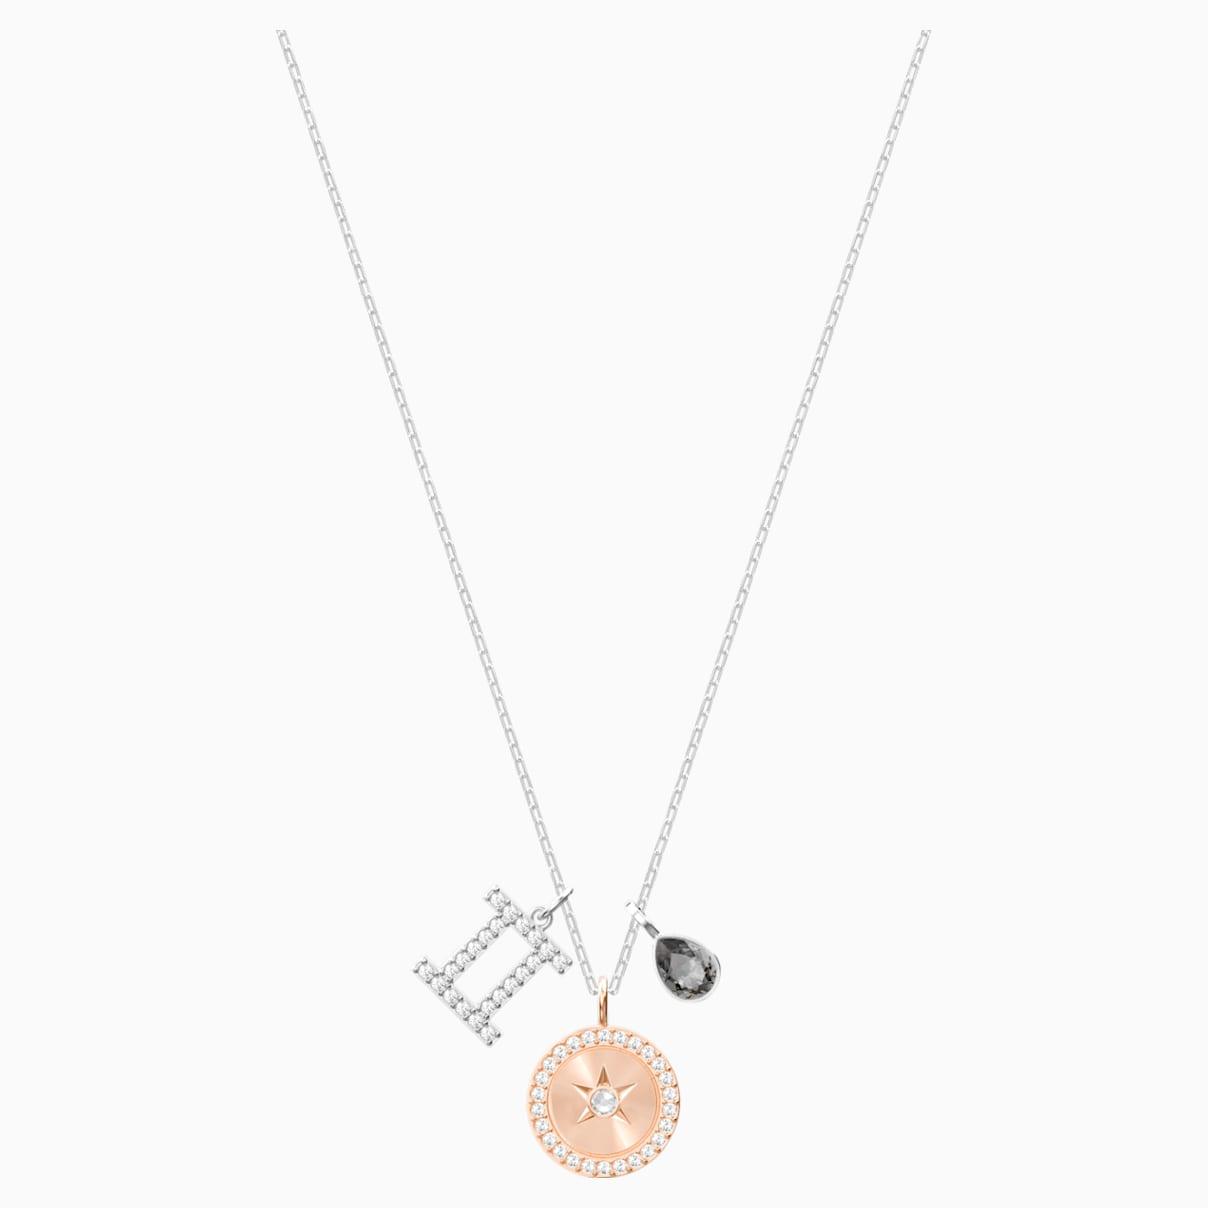 Pendentif zodiac gémeaux gris métal rhodié